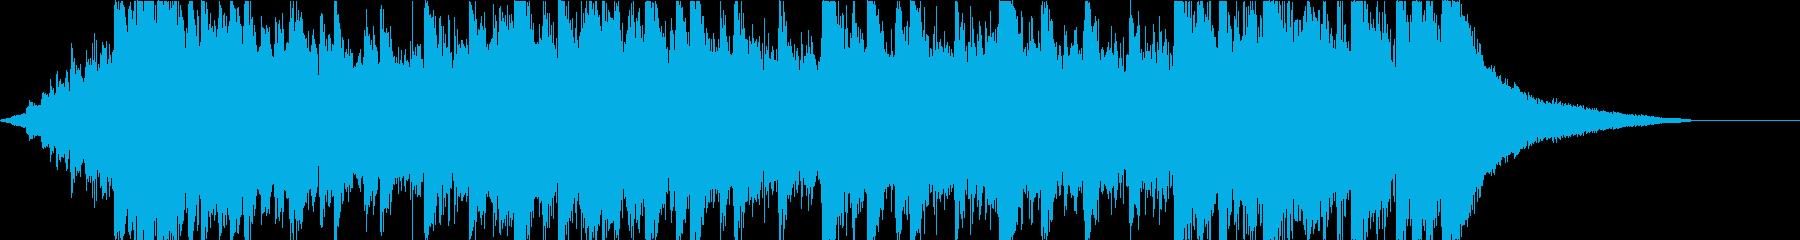 壮大なエンディング、ラスト歴史ゲーム Bの再生済みの波形